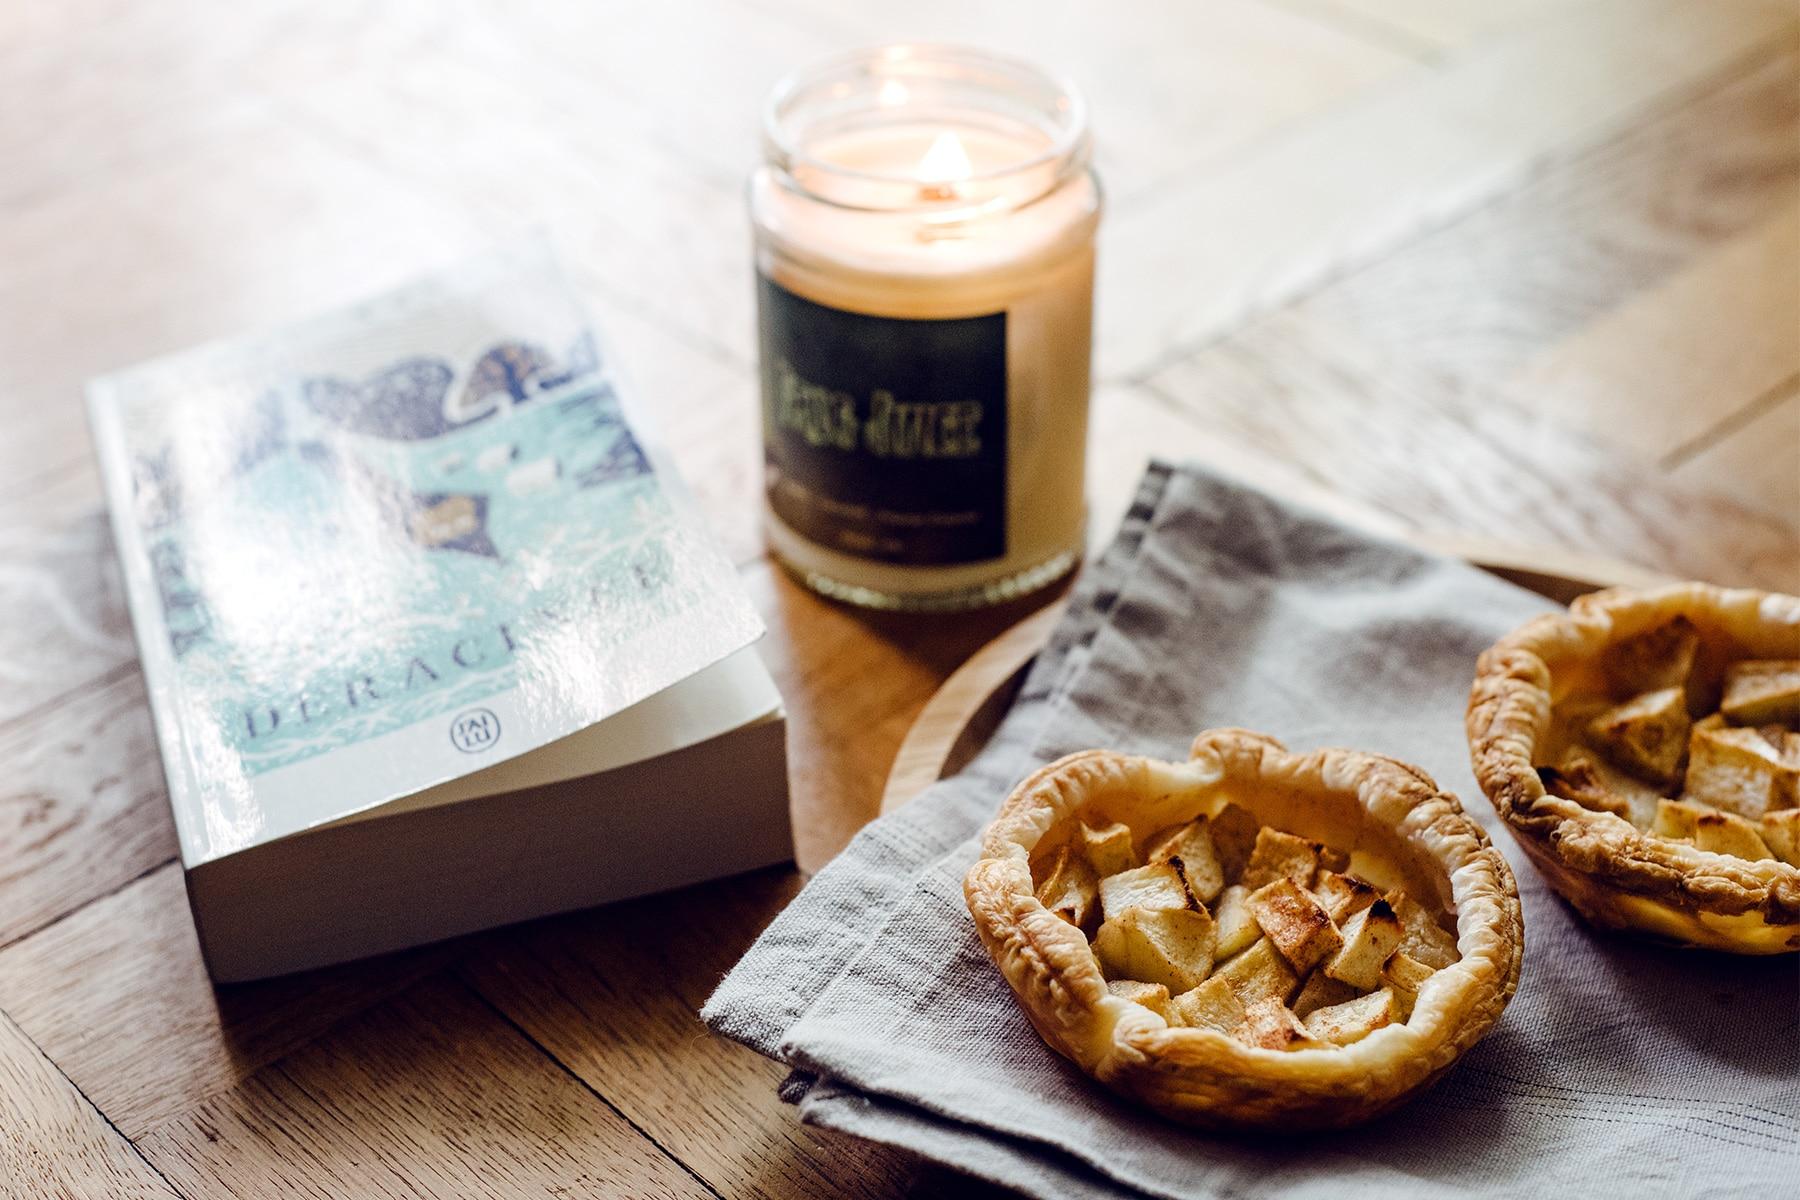 Ambiance automnale à la maison: tartelettes aux pommes, bougie parfumée et roman de sorcières